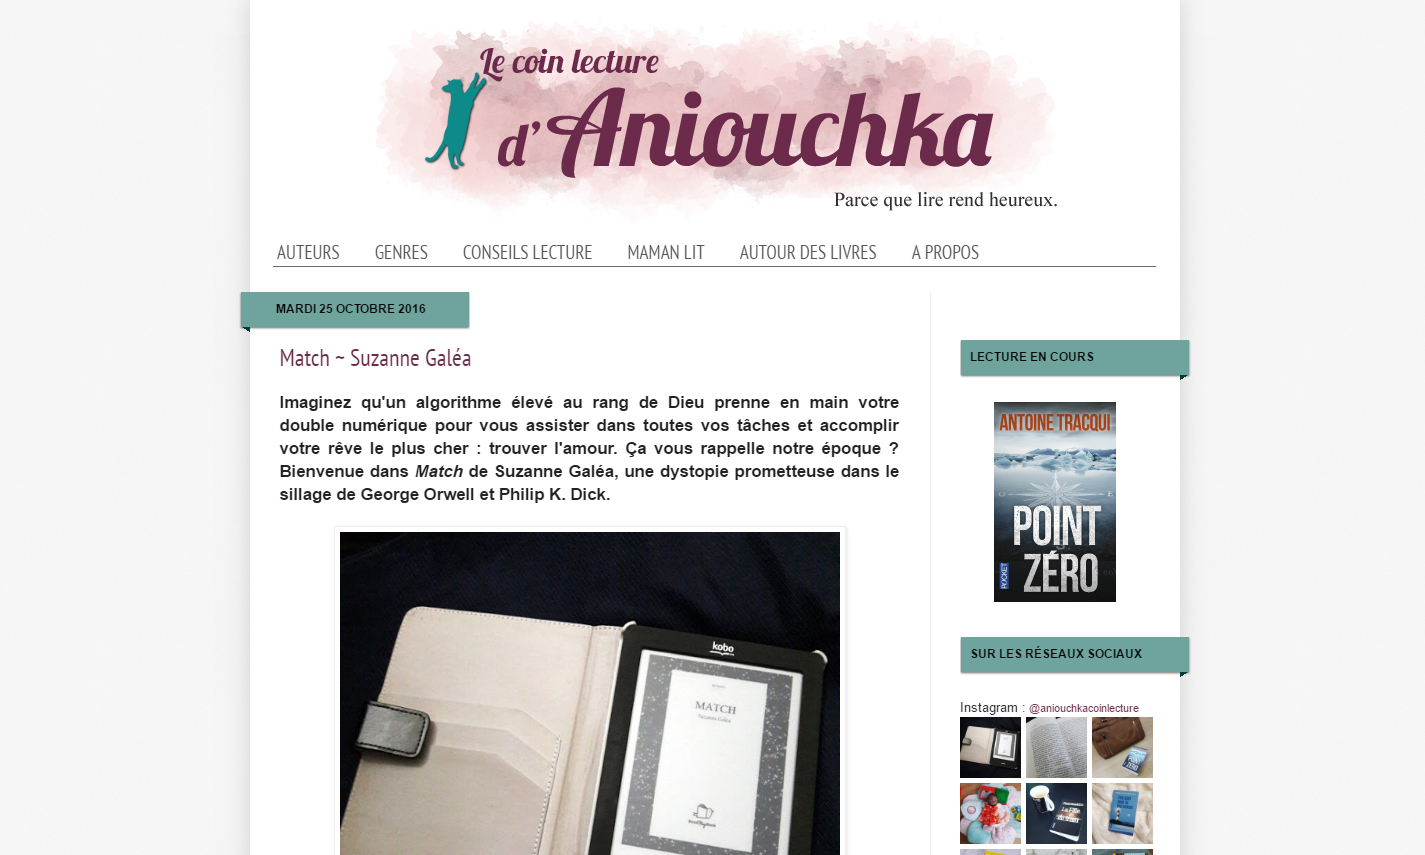 Le coin lecture d'Aniouchka : Match de Suzanne Galéa